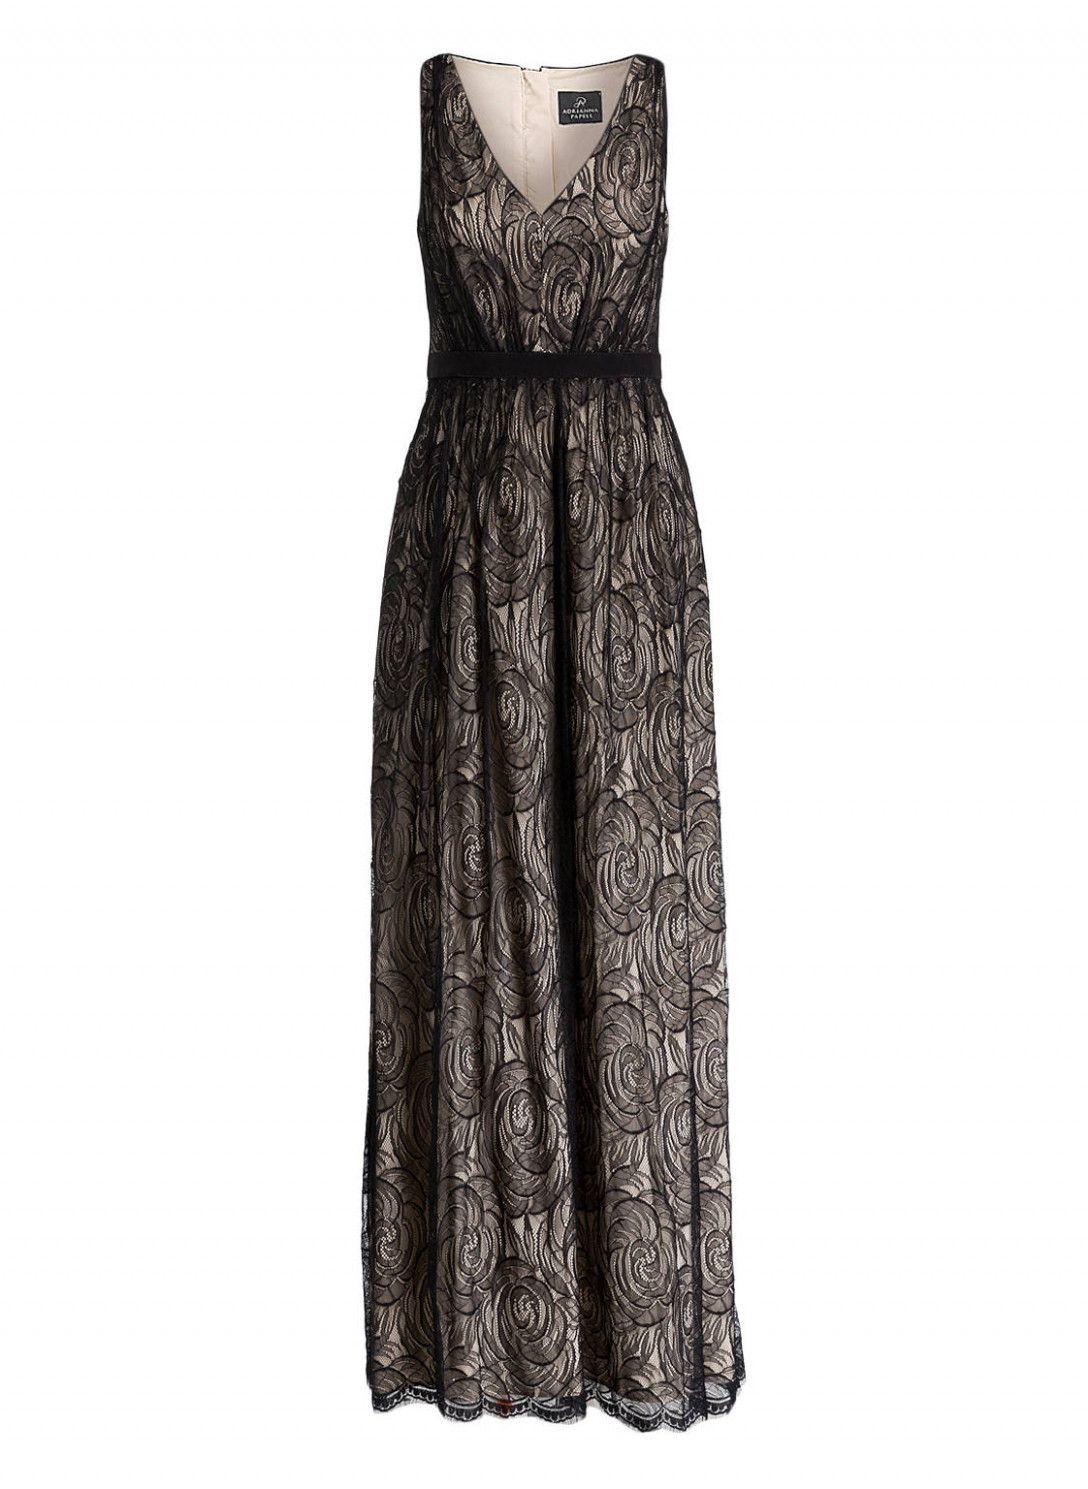 15 Abendkleider Billig in 2020 | Kleider damen, Abendkleid ...